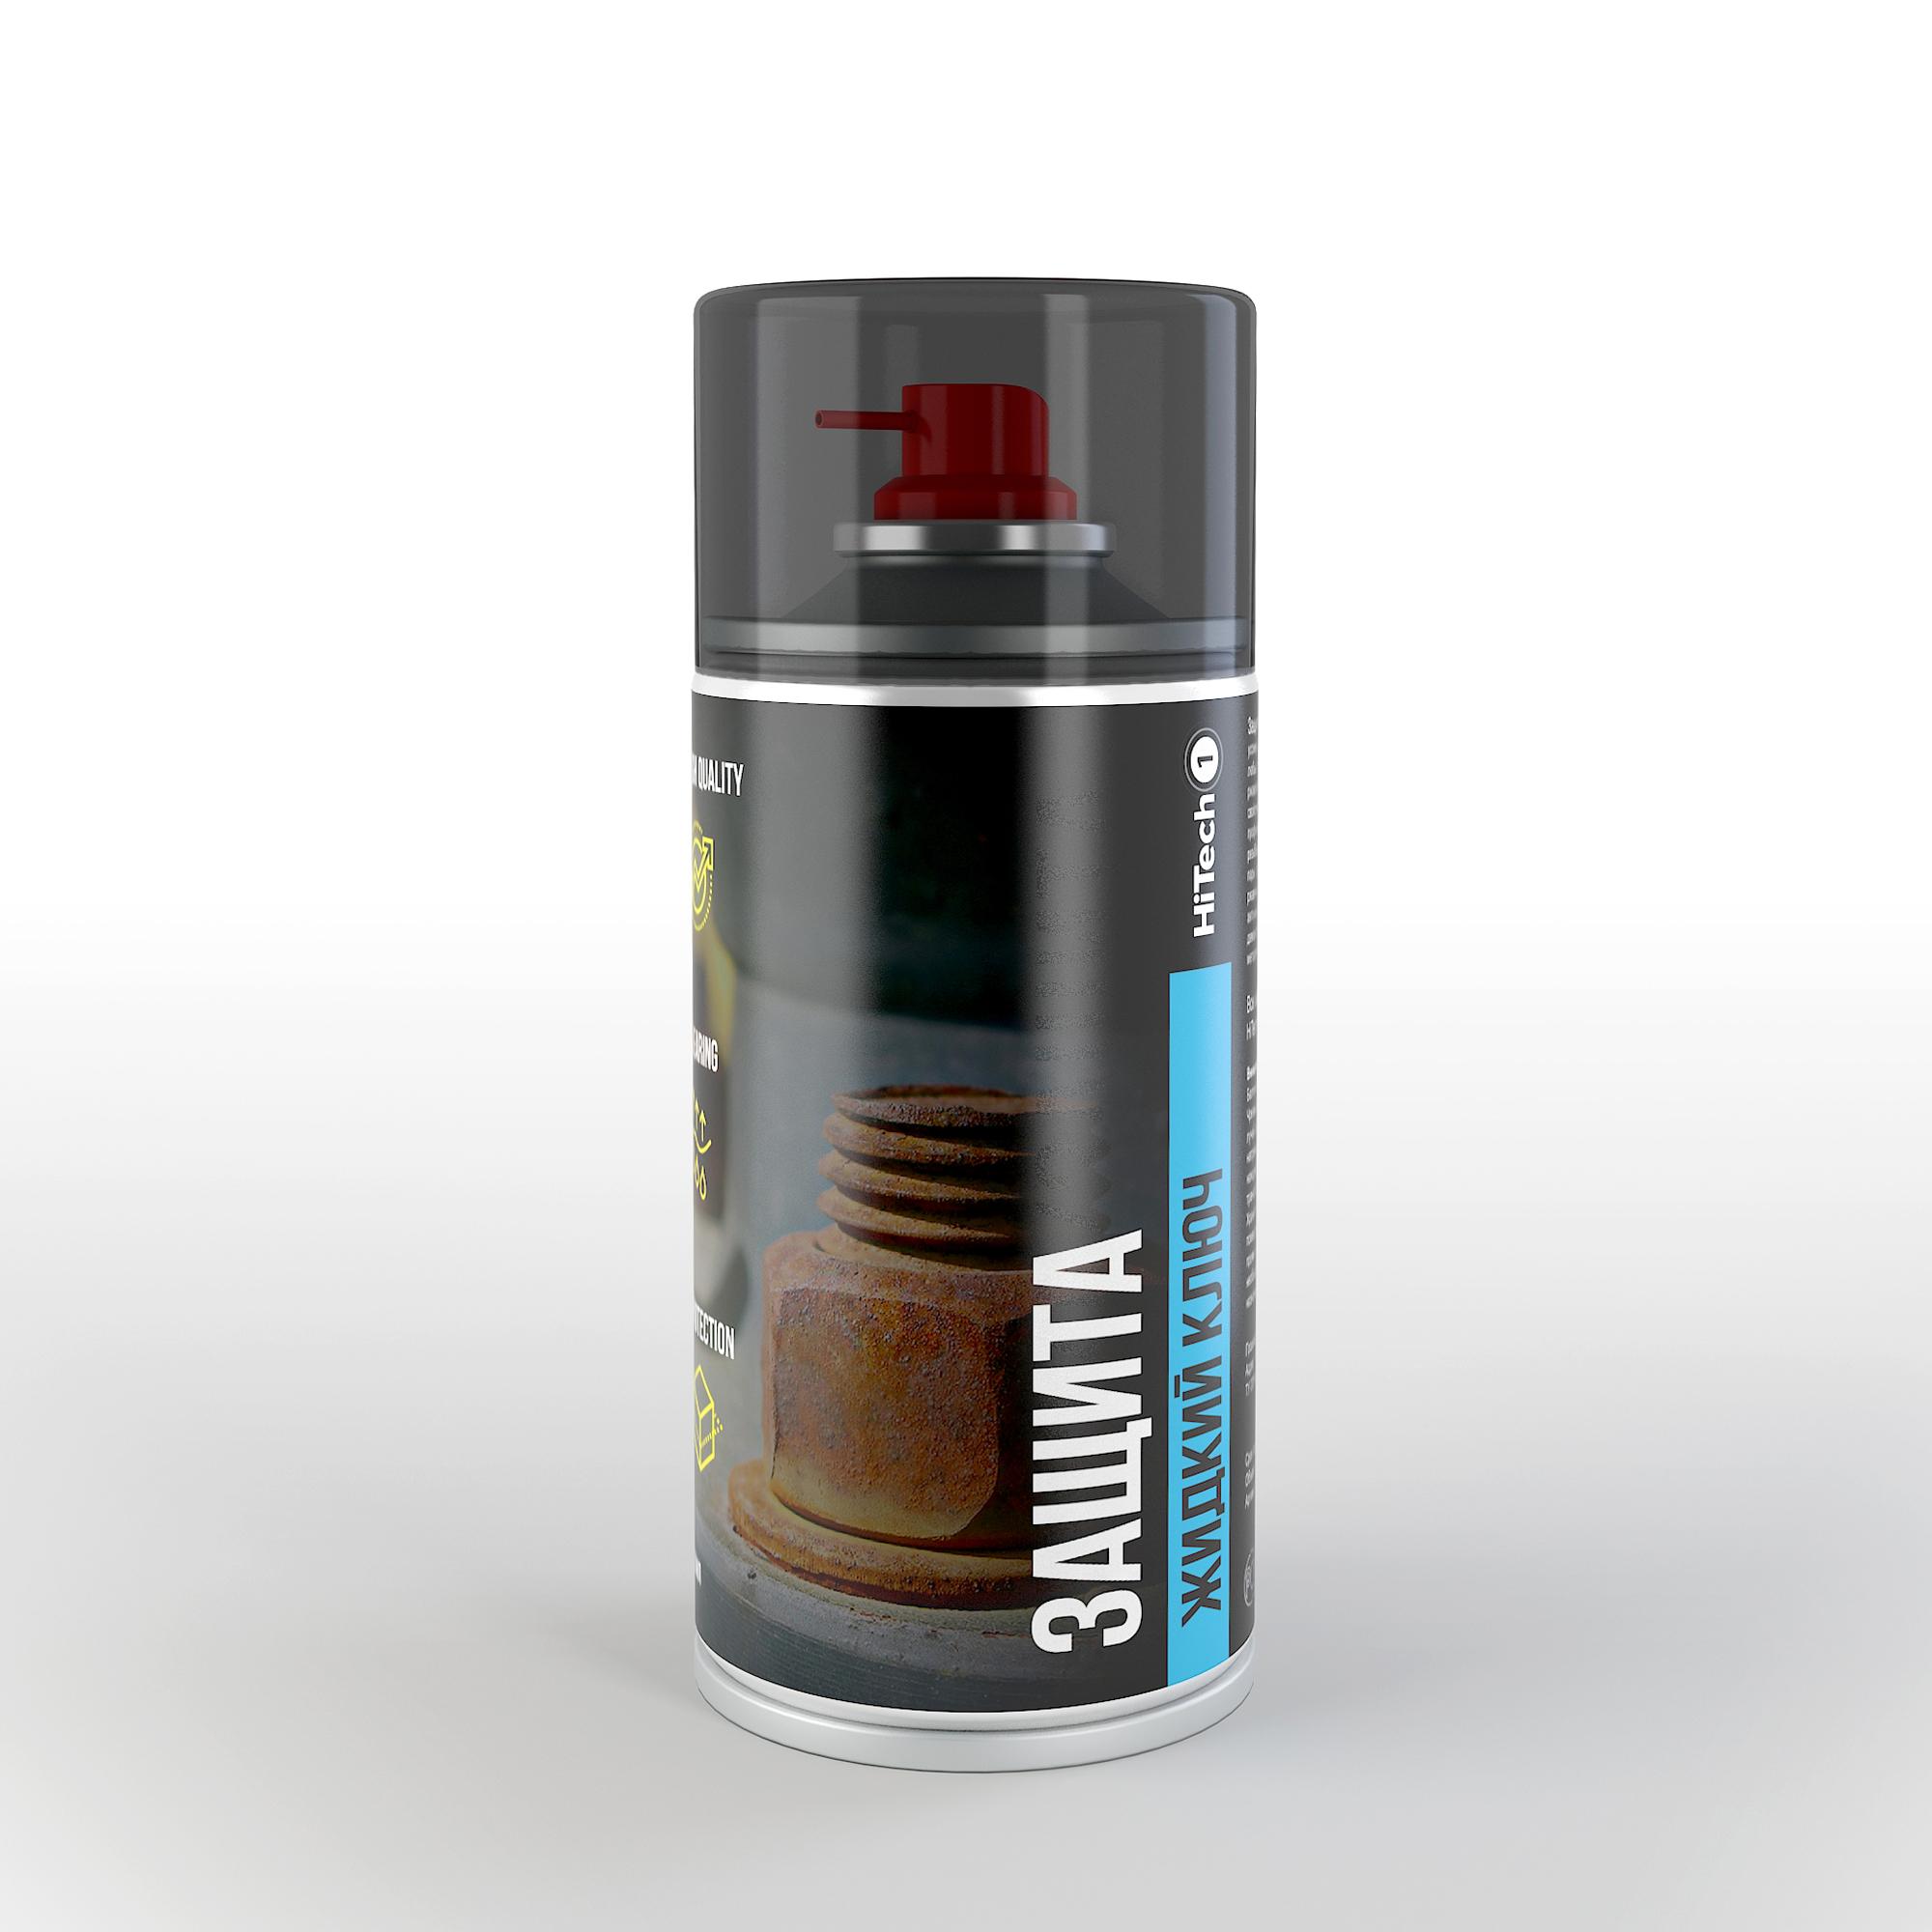 Жидкий ключ HiTech1 104104Усовершенствованный состав, который поможет отсоединить детали друг от друга в любых типах соединений и надолго защитит элементы соединений от дальнейшего ржавления, окисления и прикипания друг к другу. Имеет высокие проникающие свойства, не агрессивен к резине, пластику, имеет приятный запах. Используется в профилактических целях для дальнейшего легкого откручивания (отсоединения) резьбовых (и прочих) соединений. HiTech1 высокоэффективен, когда резьбовые пары сильно прикипели друг к другу, загрязнены или имеют большой слой ржавчины. Защиту/Жидкий ключ HiTech1 можно использовать в различных узлах авто-мото-вело-электротехники, на профессиональных СТО, в быту, при демонтаже, монтаже и ремонте различного оборудования и изделий с металлическими соединениями.